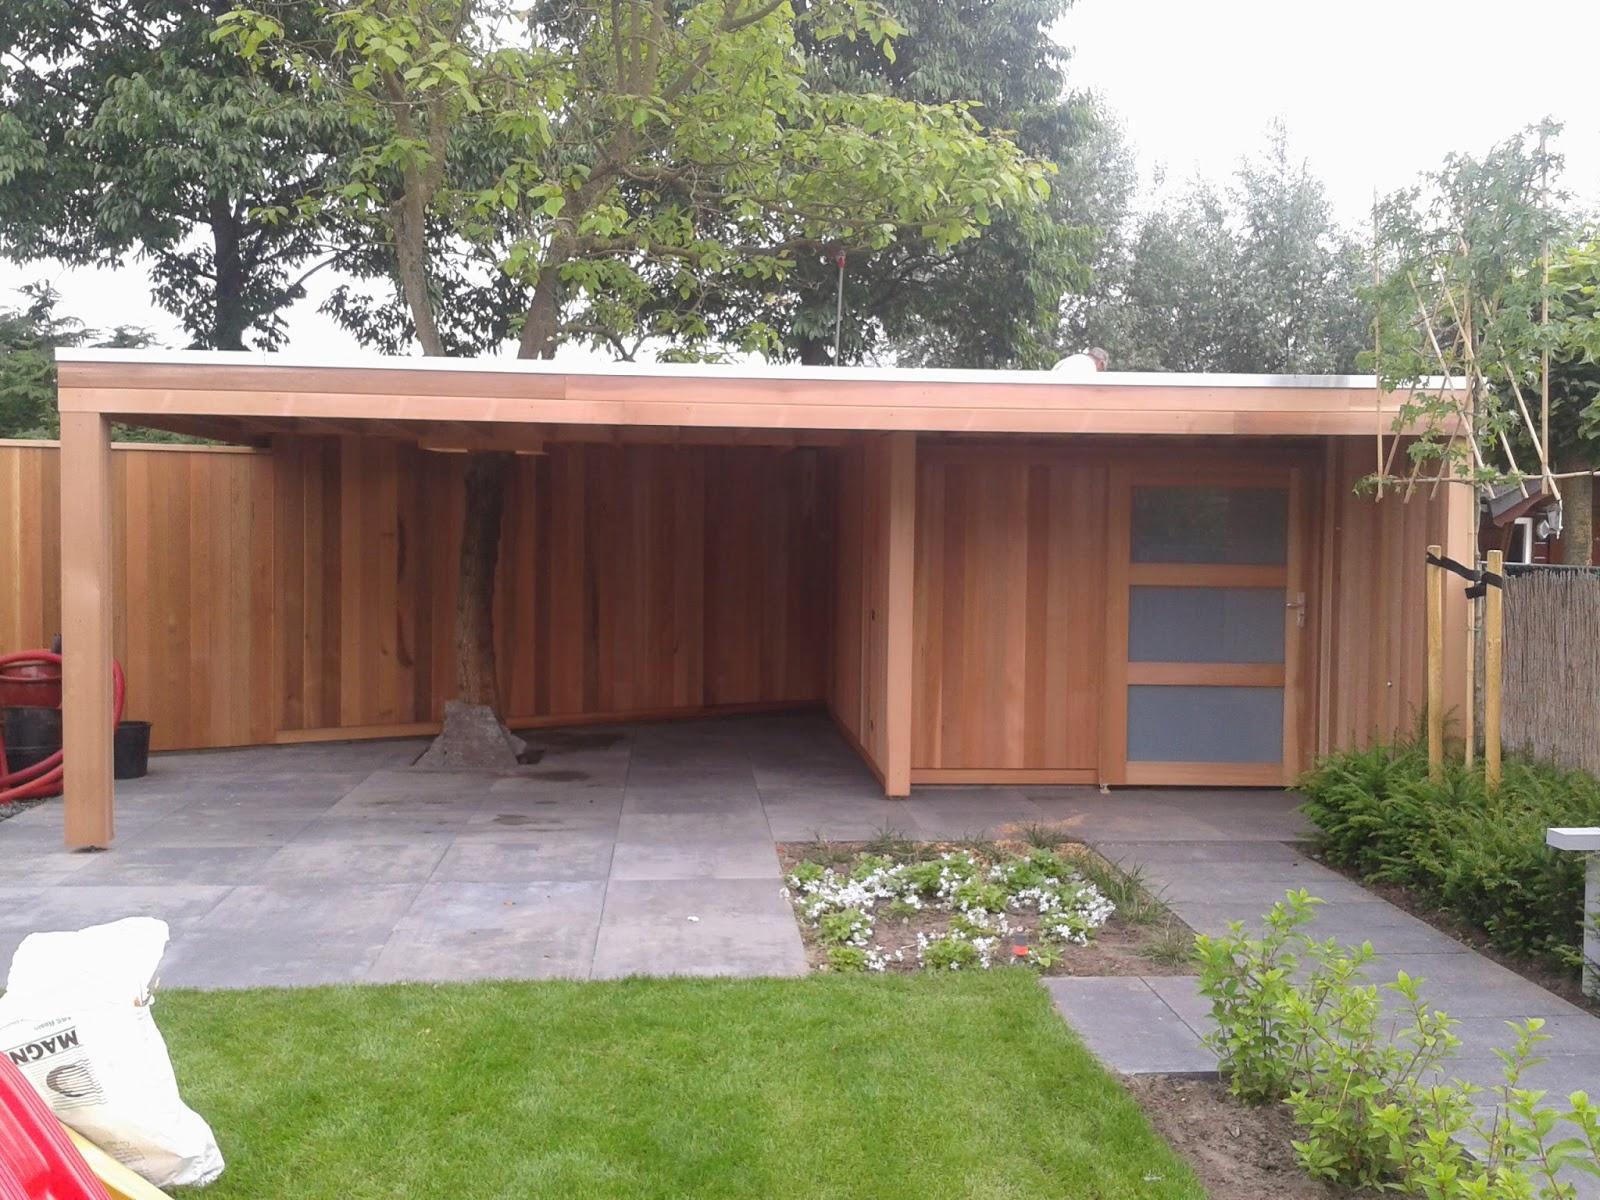 Tuinhuisjes en prieeltjes de 11 meest gevraagde tuinhuis modellen van 2014 - Moderne lounge stijl ...